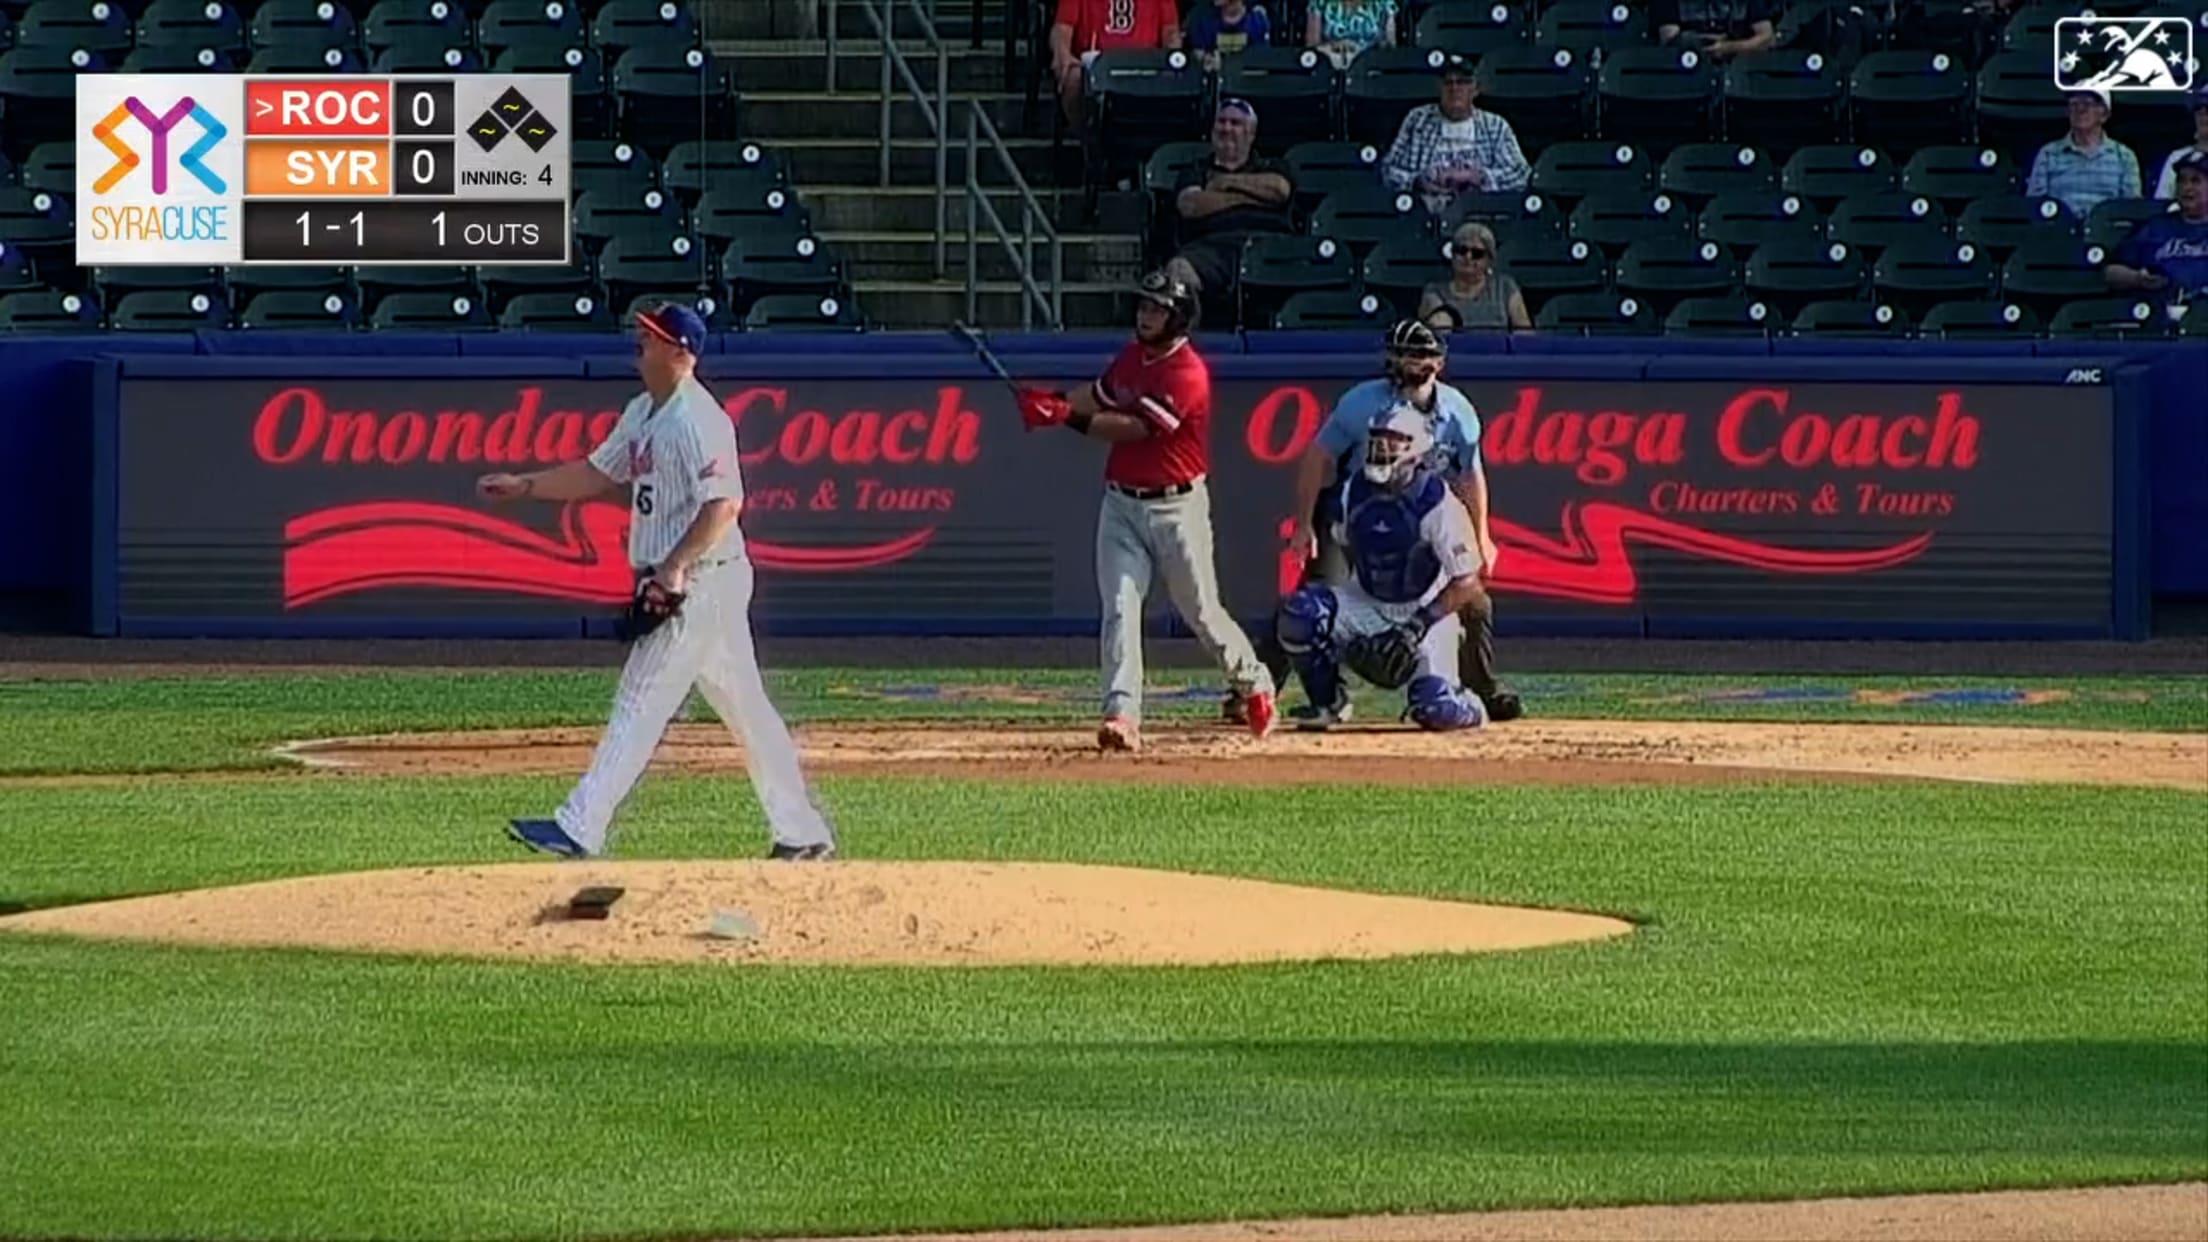 Ruiz's two-homer game